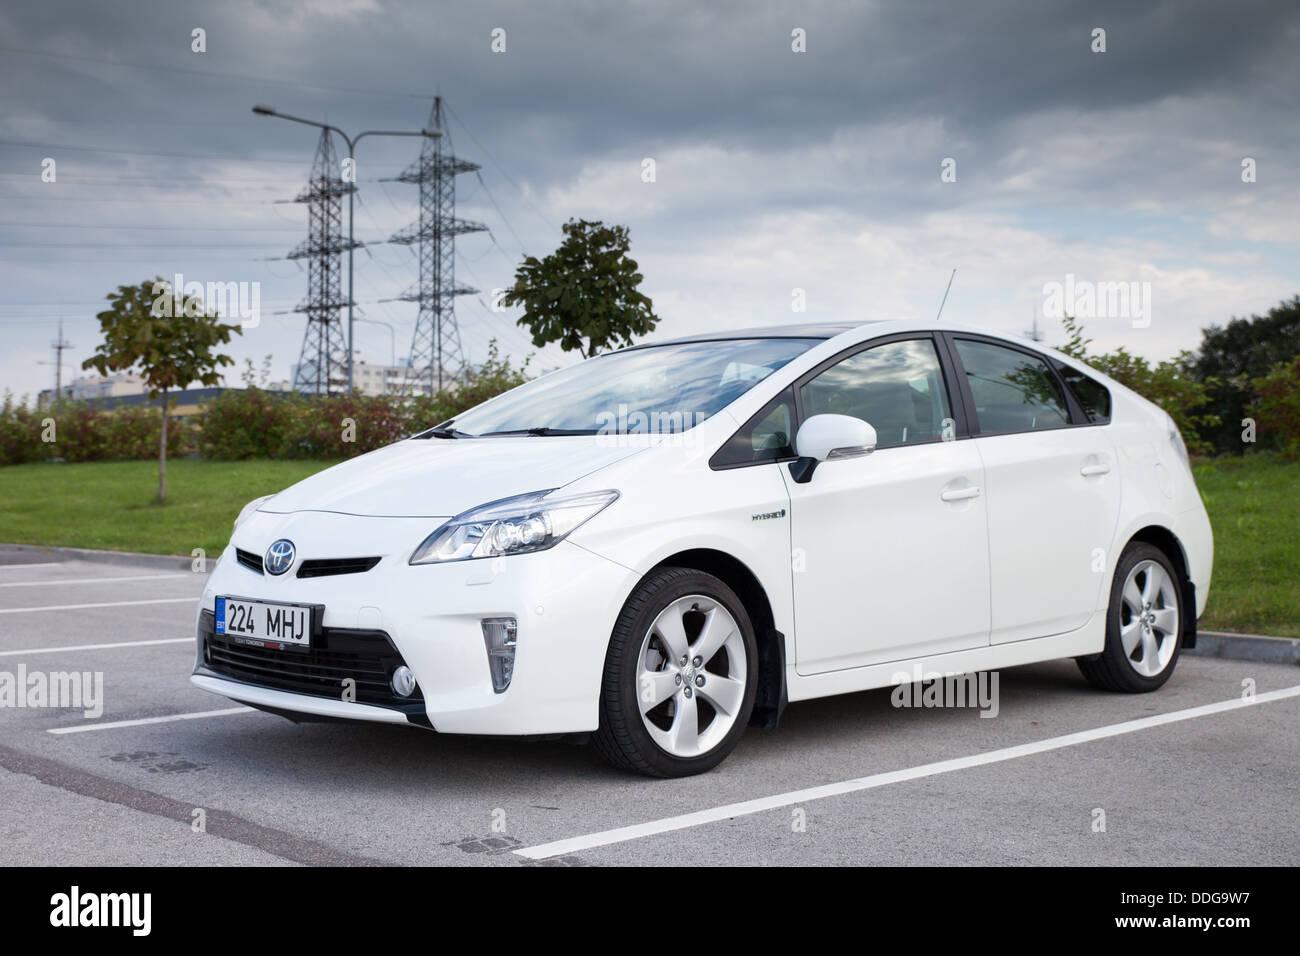 Toyota Prius híbrido de coches - modelo del año 2012. Toyota es uno de los principales fabricantes de Imagen De Stock